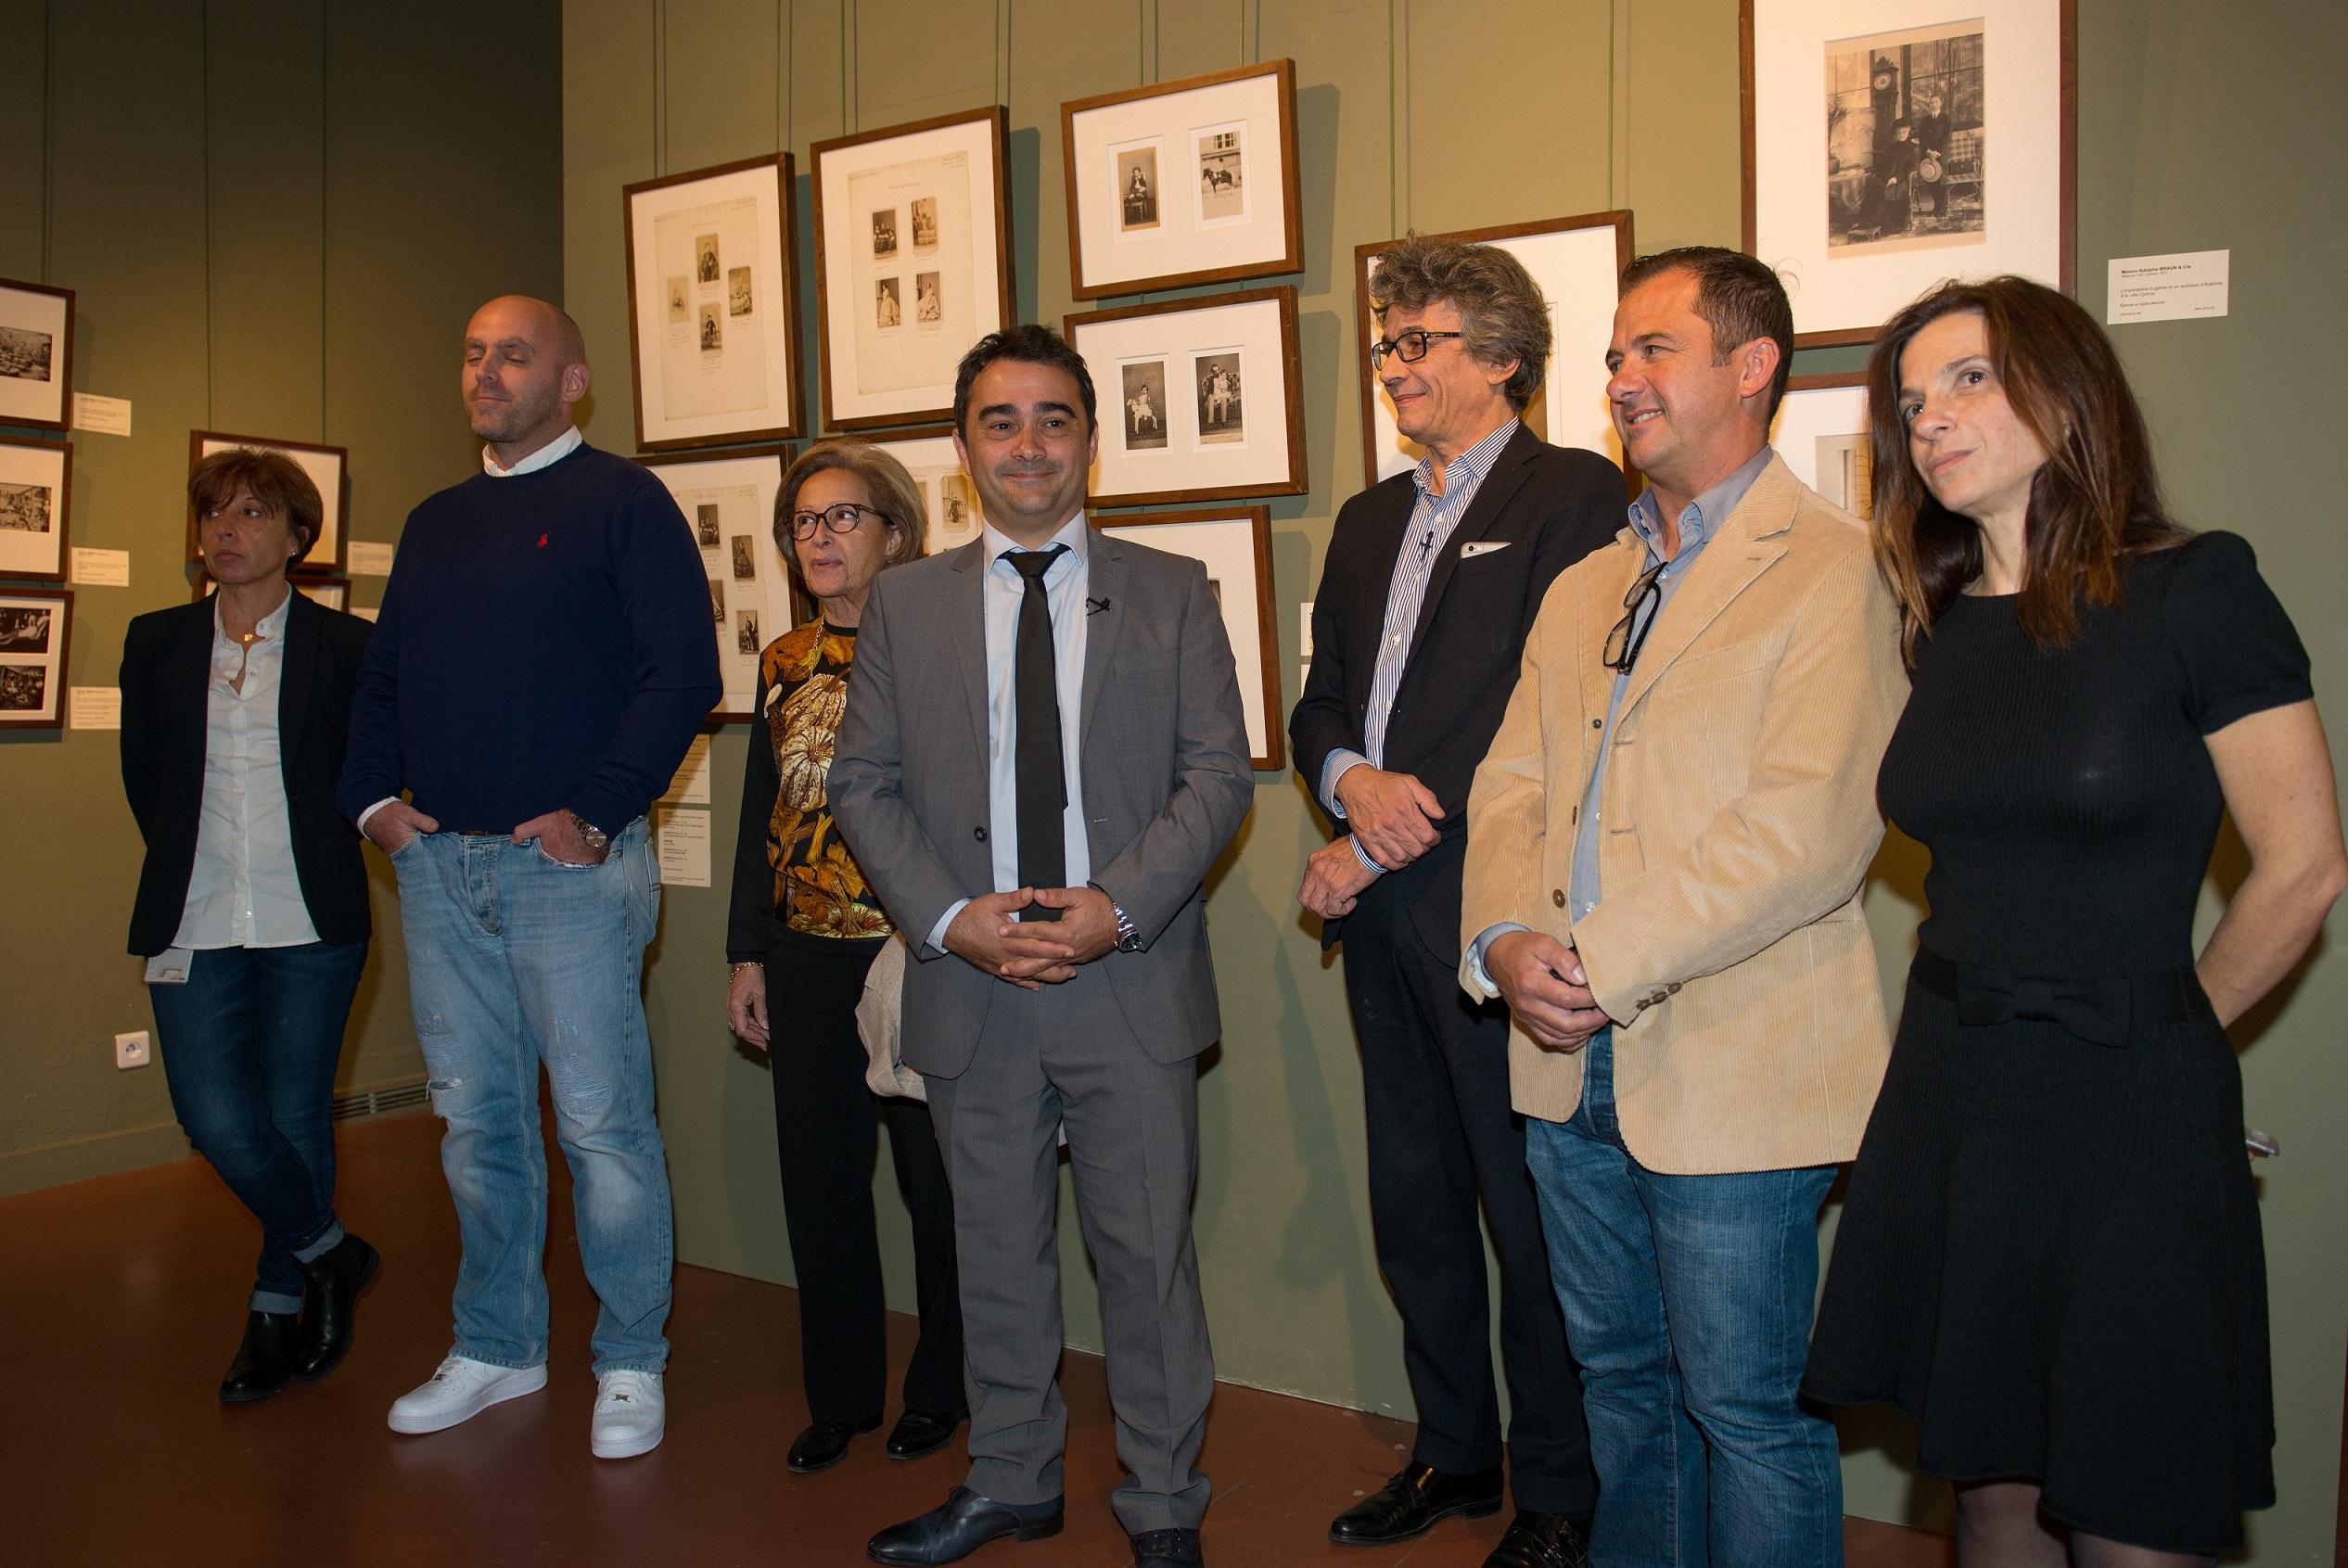 Stéphane Sbraggia (au centre), 1er adjoint à la Ville, accompagné de Simone Guerrini, déléguée à la culture et au patrimoine a inauguré l'exposition des oeuvres issues de la donation Forbes. Photos Ville d'Ajaccio.